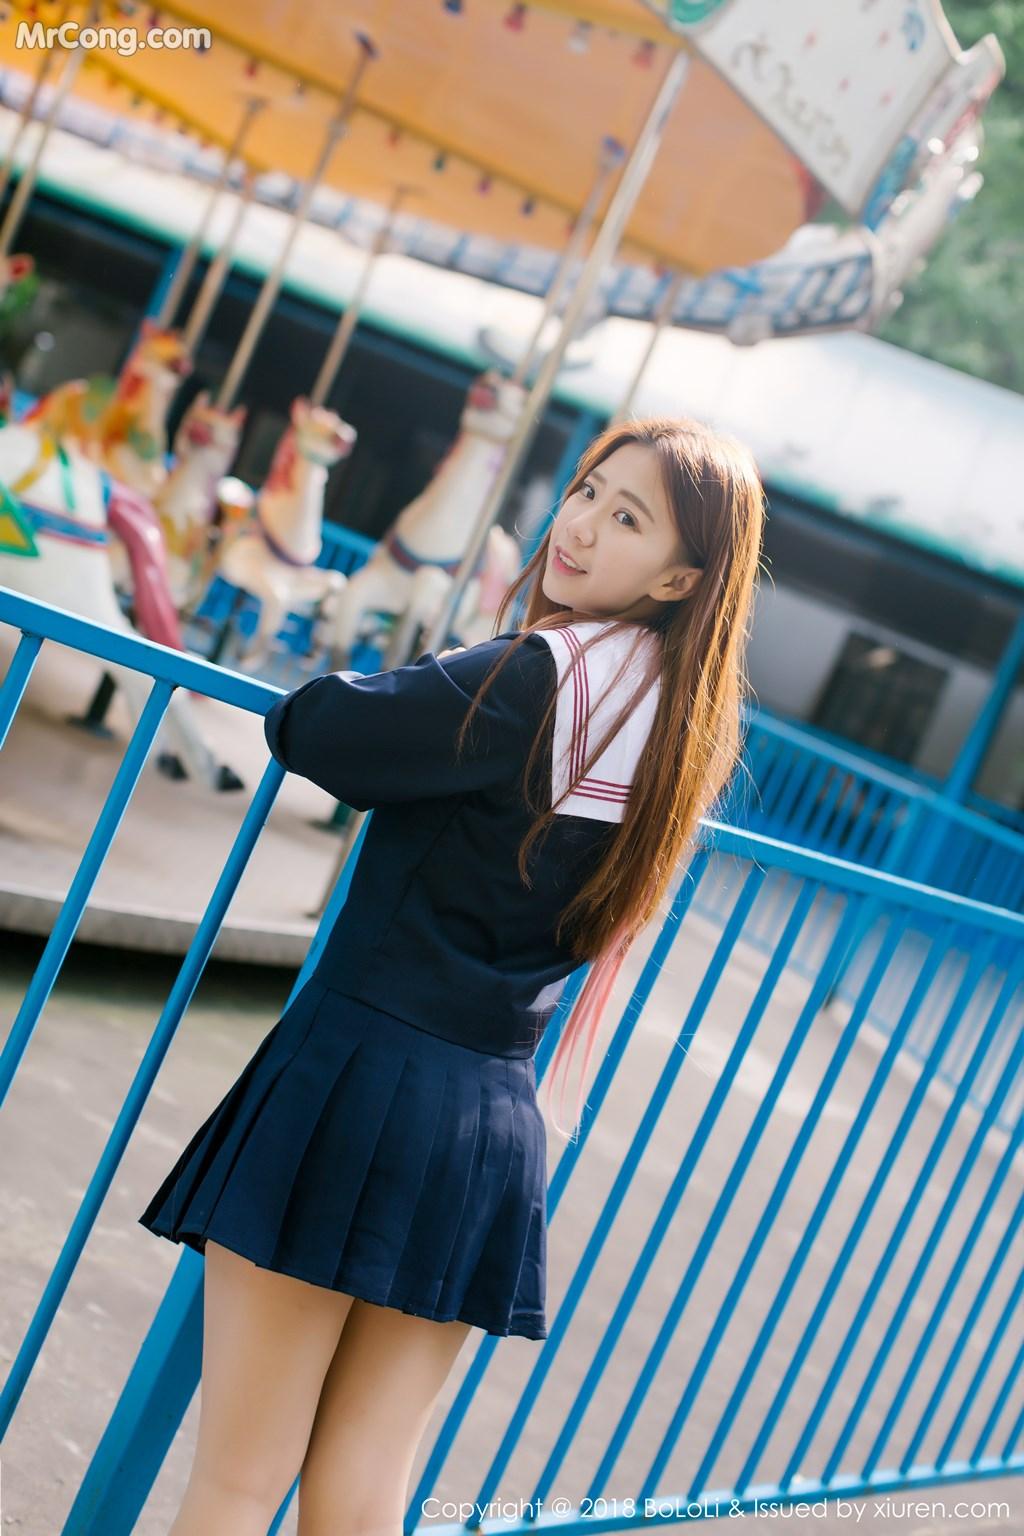 Image Tukmo-Vol.107-Dong-Chen-Li-MrCong.com-009 in post Tukmo Vol.107: Người mẫu Dong Chen Li (董成丽) (43 ảnh)